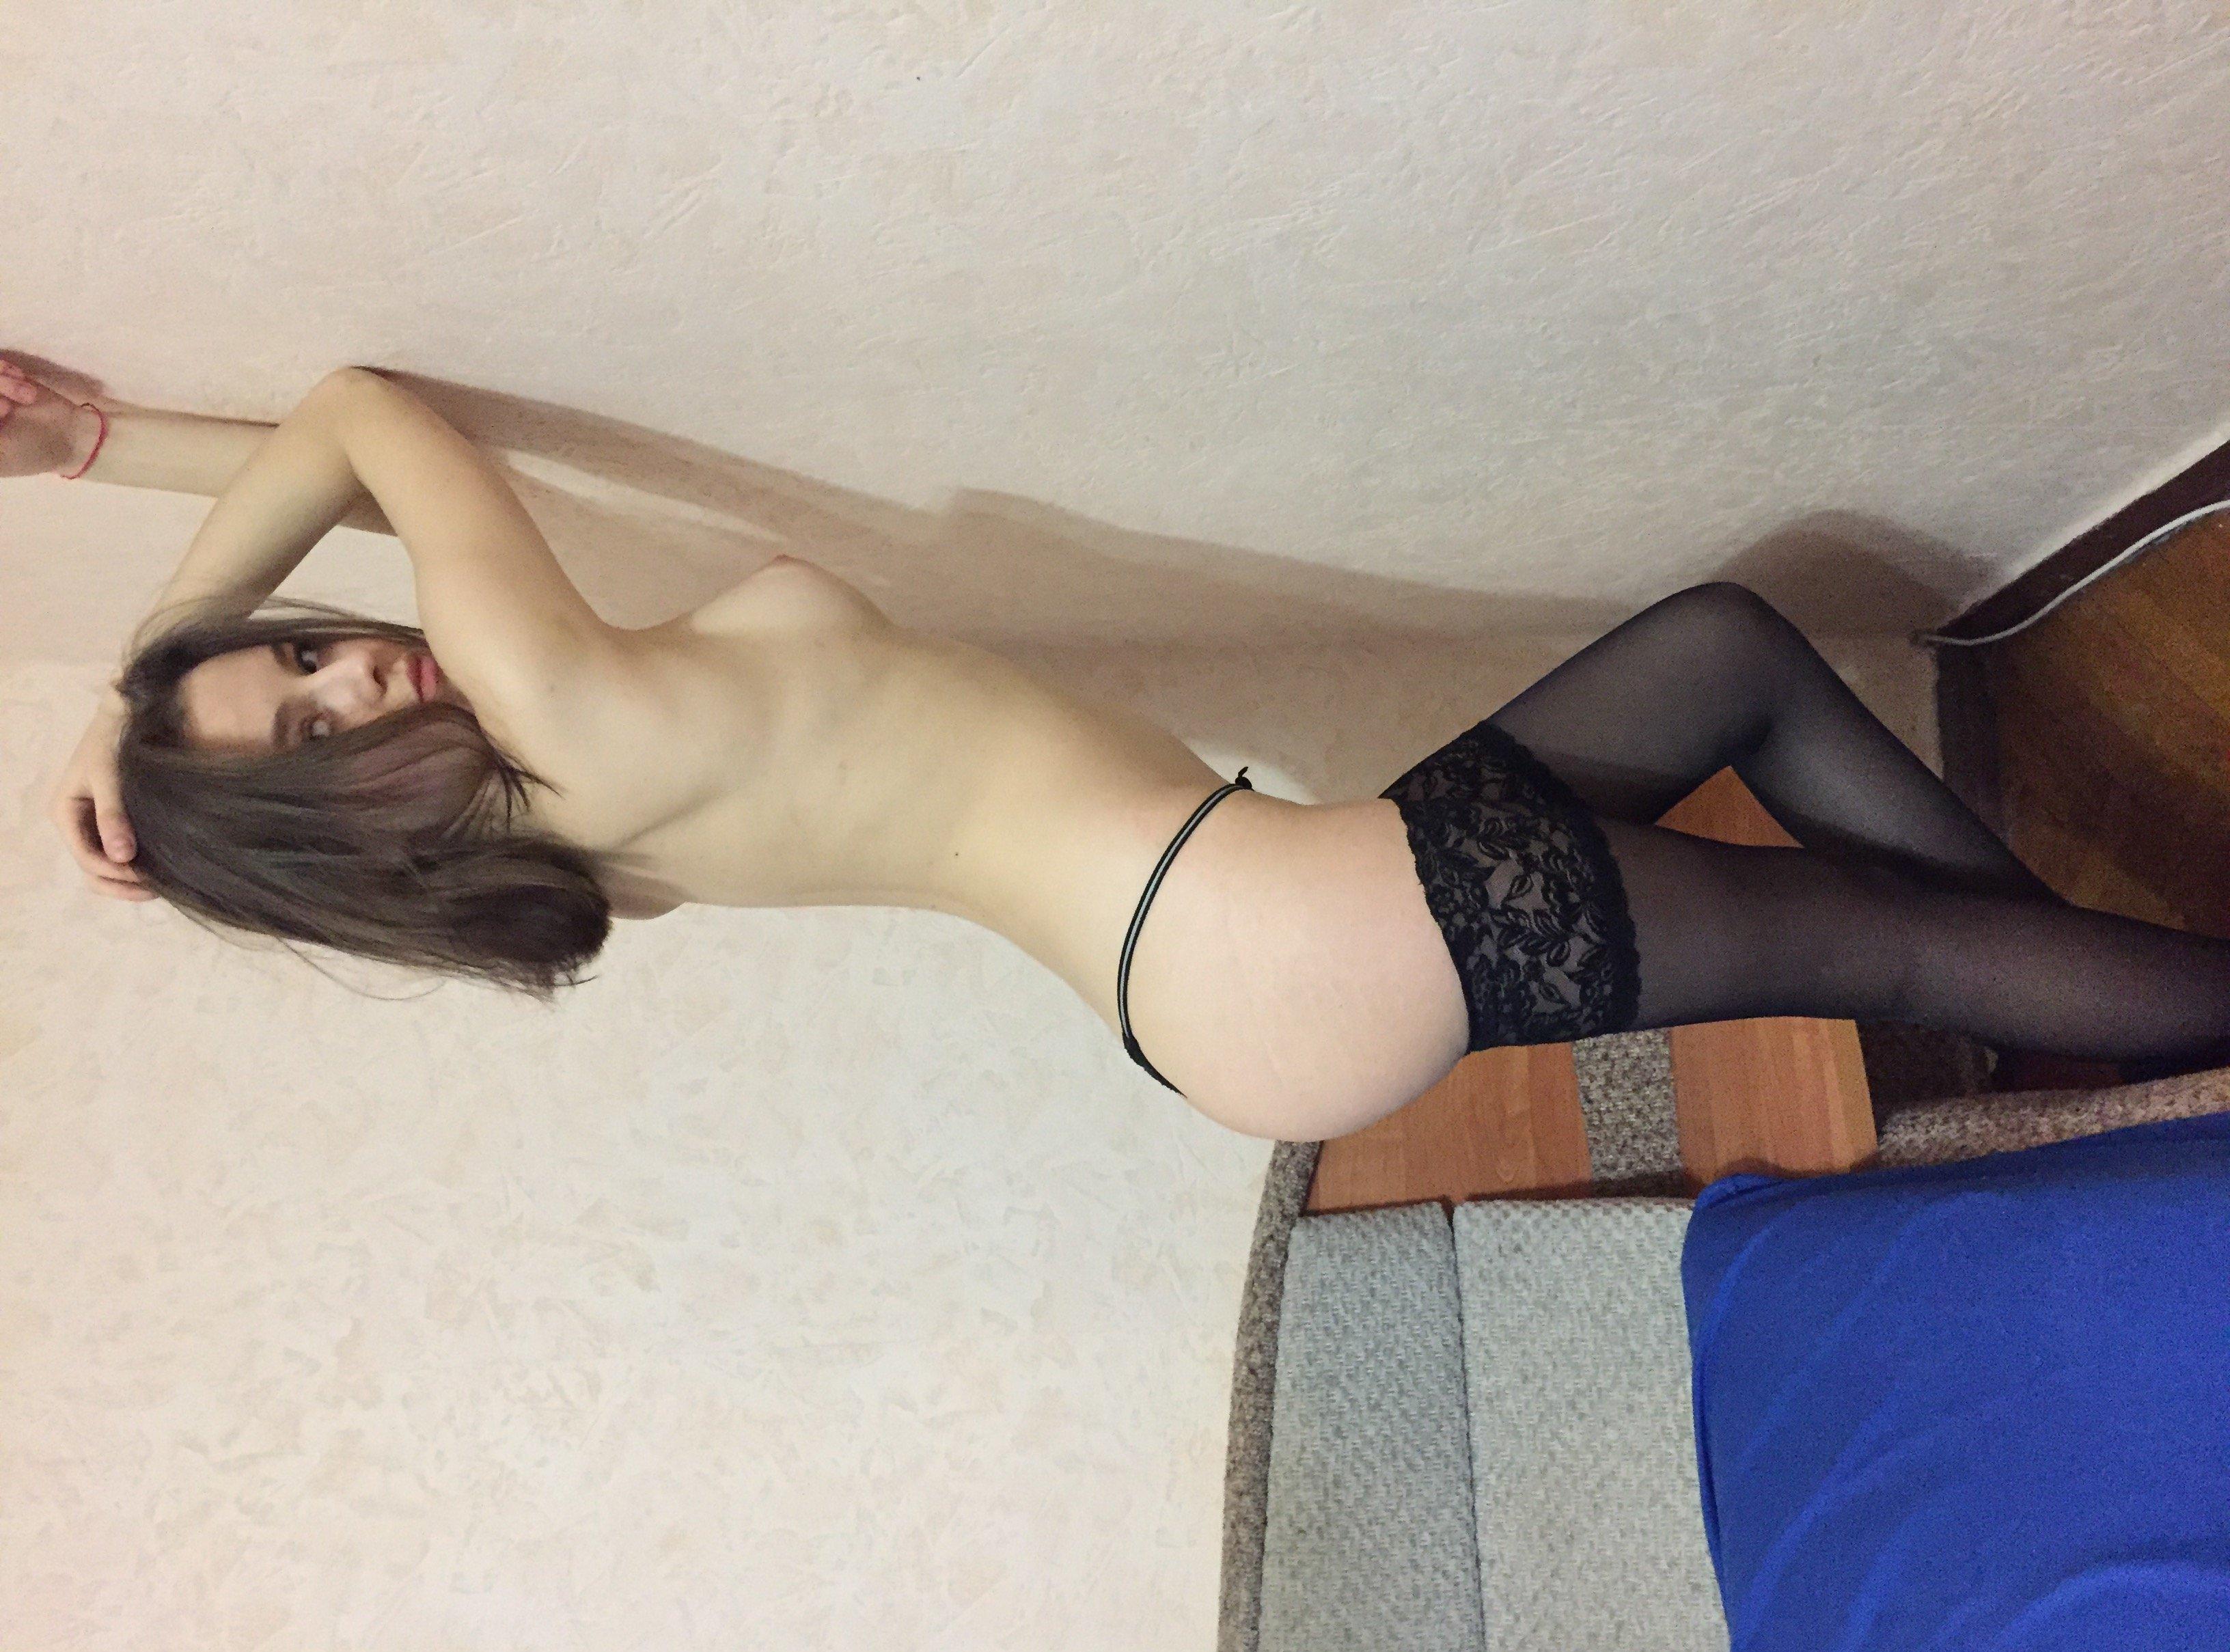 В астрахани где снять проститутку проститутка из индии